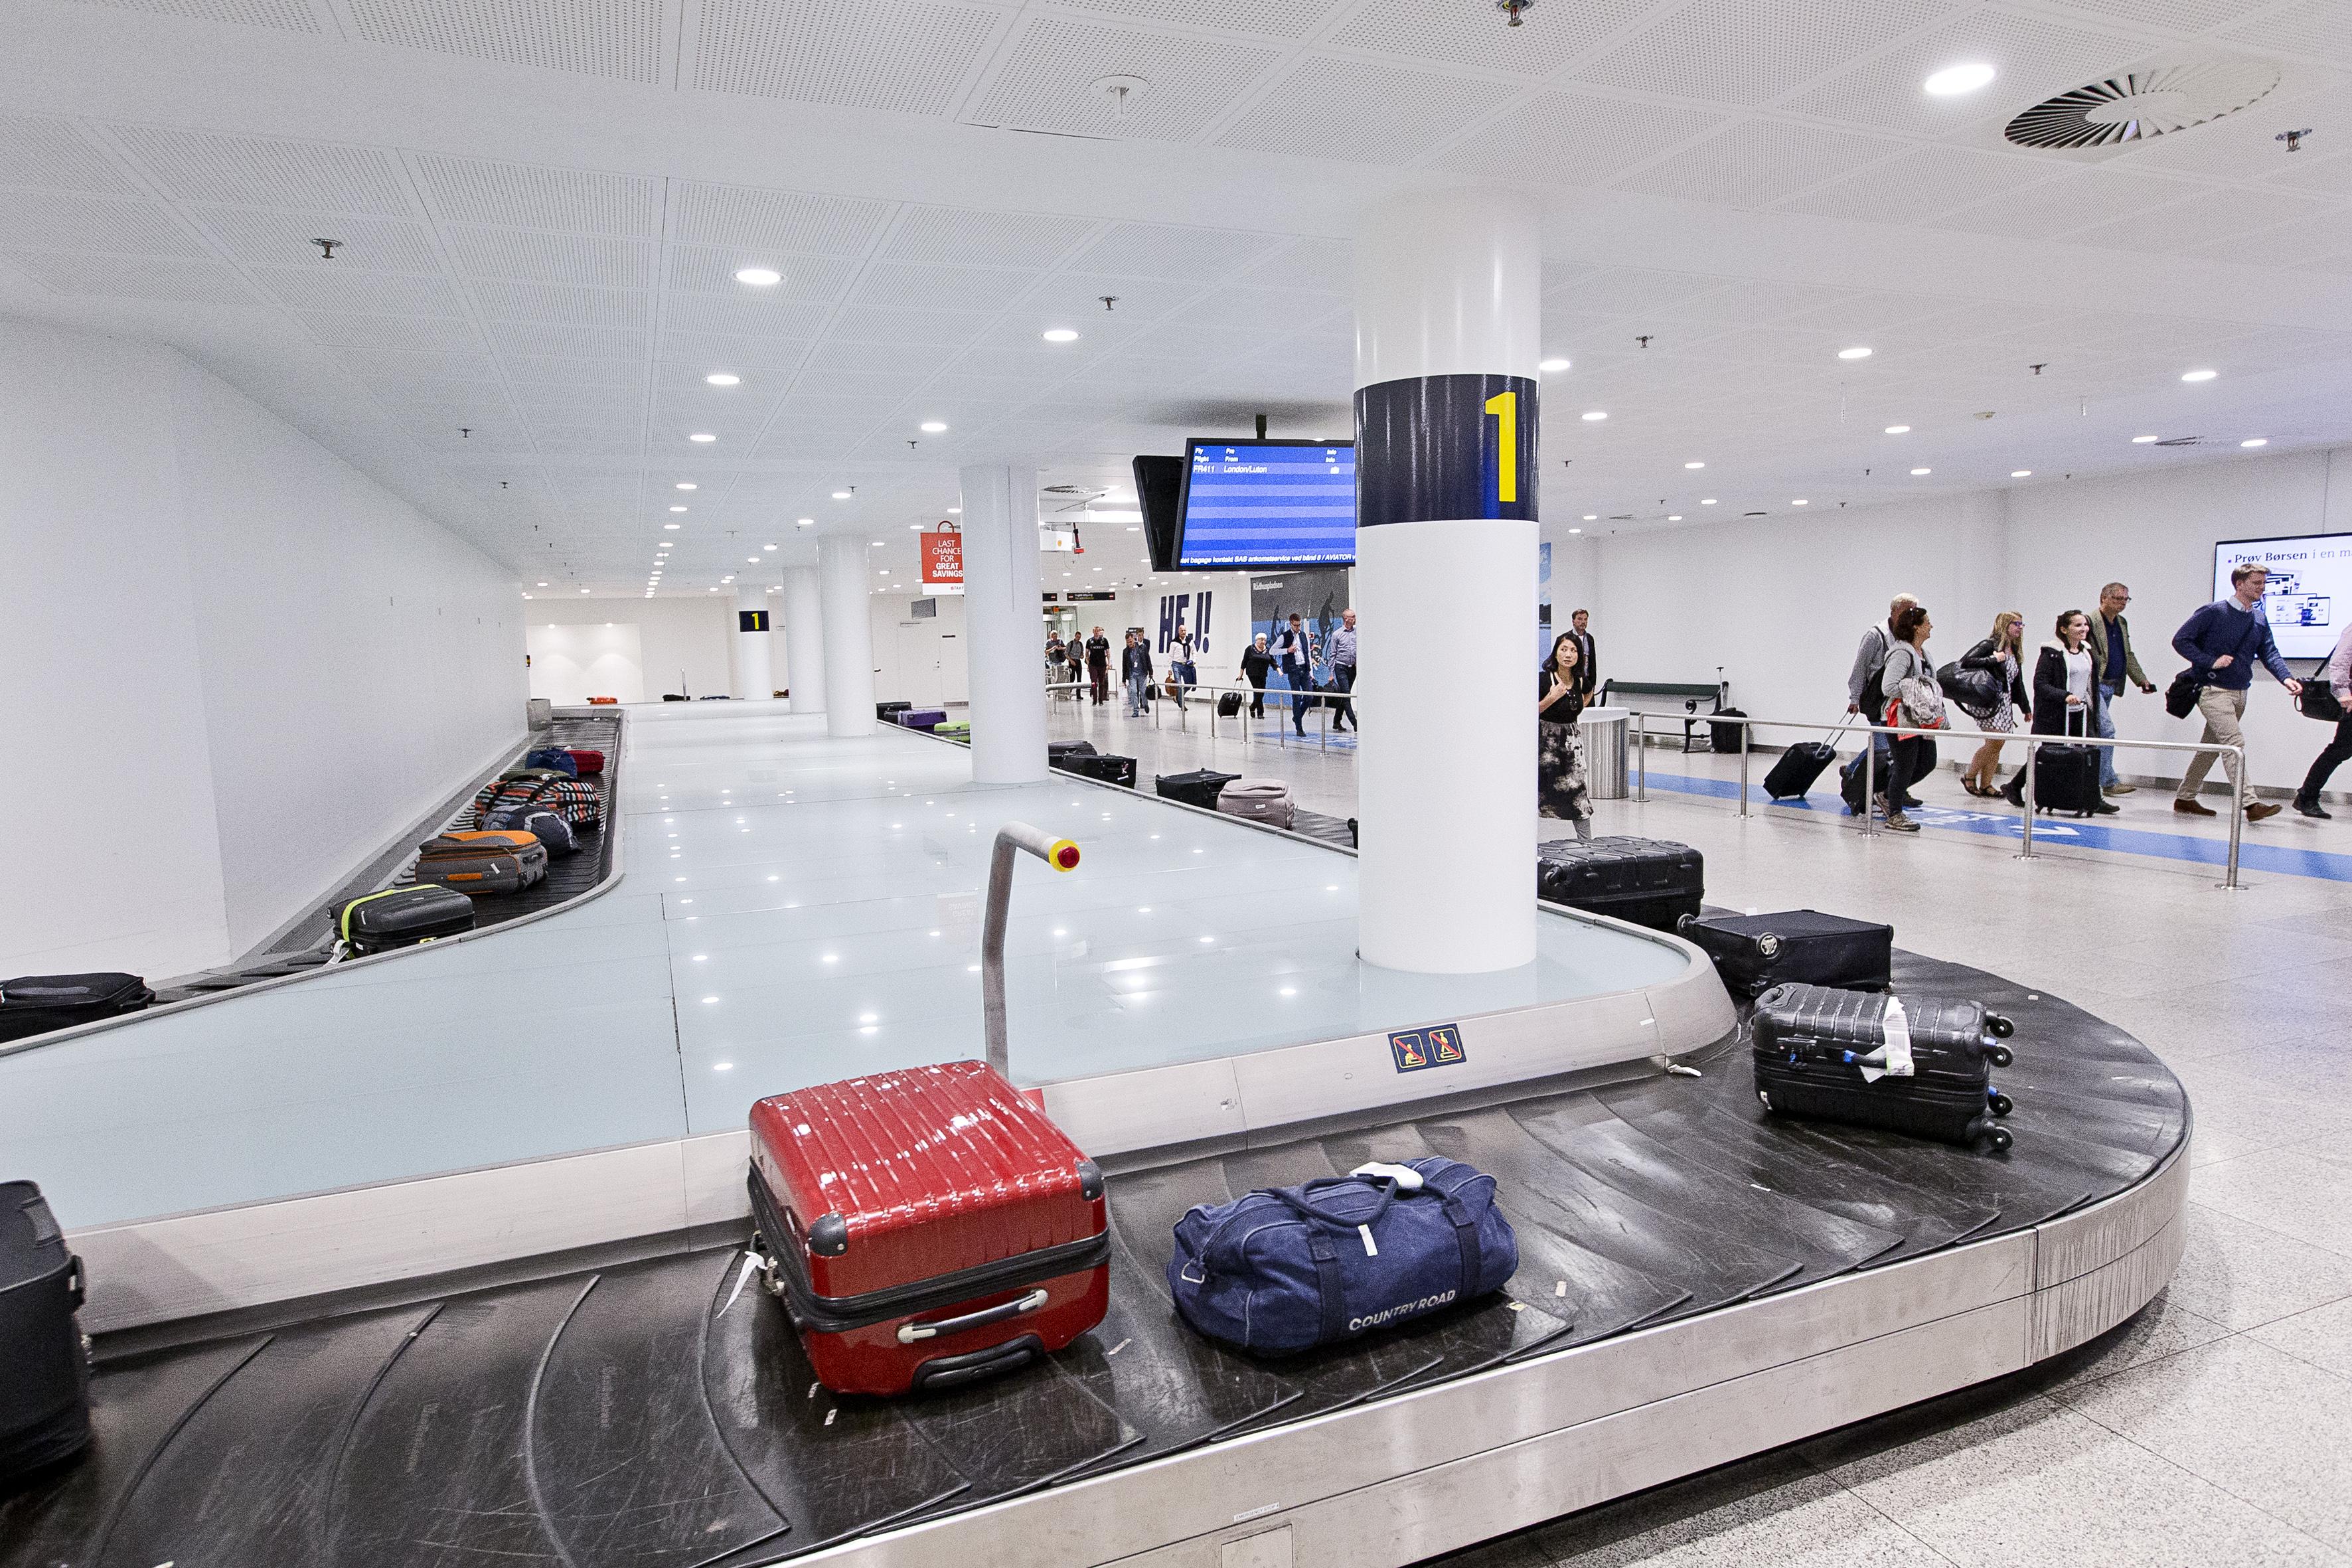 Københavns Lufthavn  bagagebånd 1 og 2. Foto: Ernst Tobisch